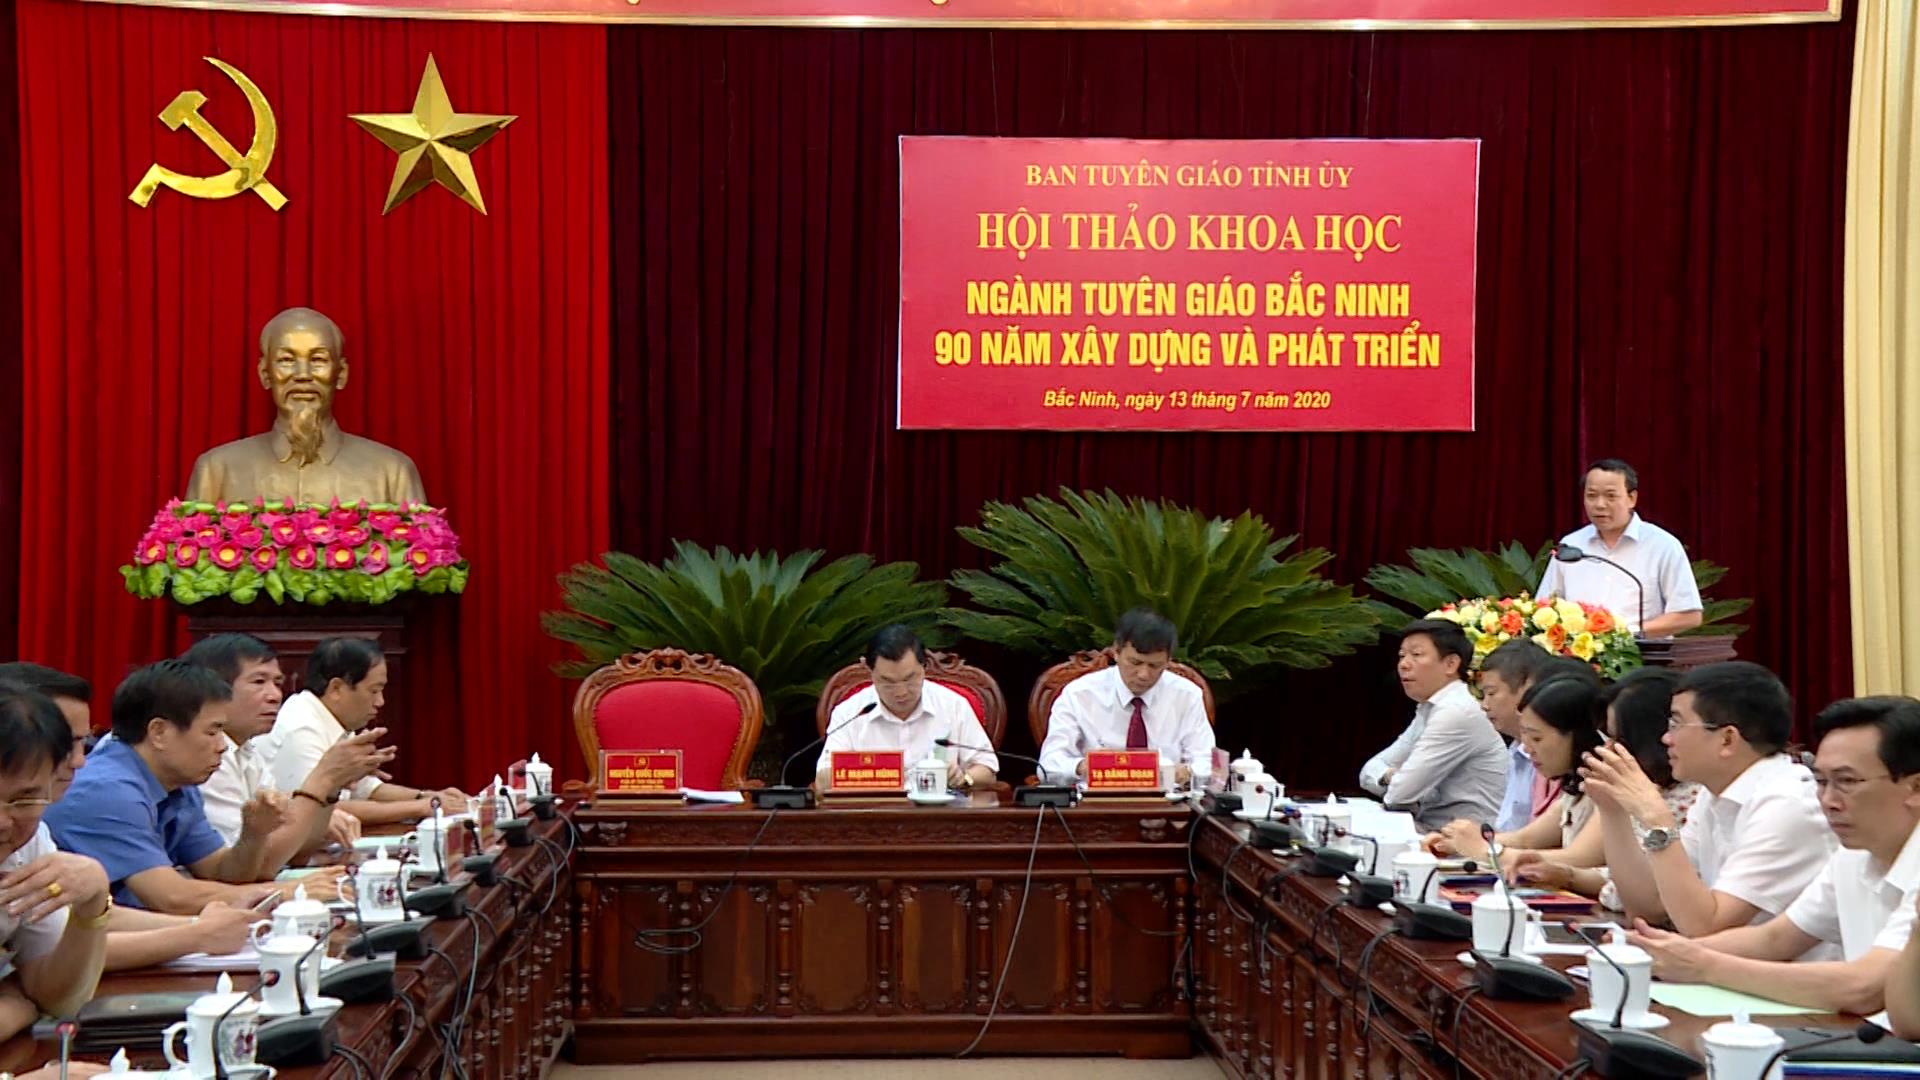 """Hội thảo """"Ngành Tuyên giáo Bắc Ninh 90 năm xây dựng và phát triển"""""""